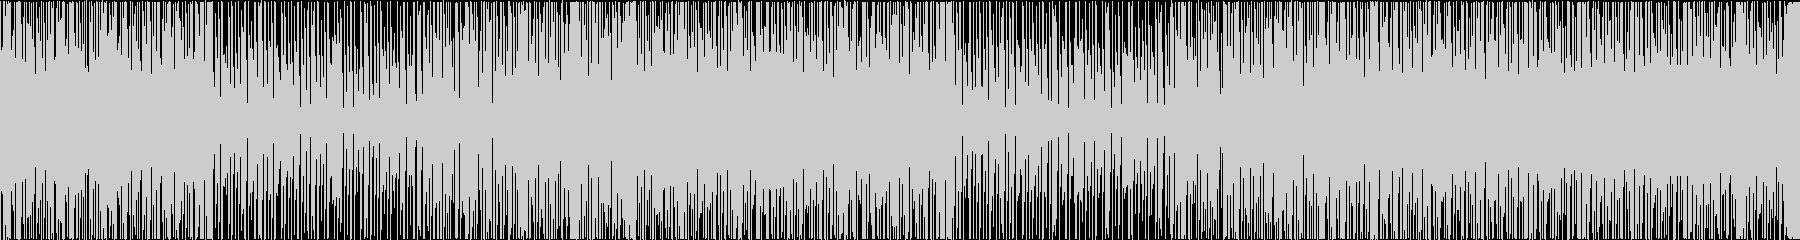 明るく爽やかなループBGMの未再生の波形